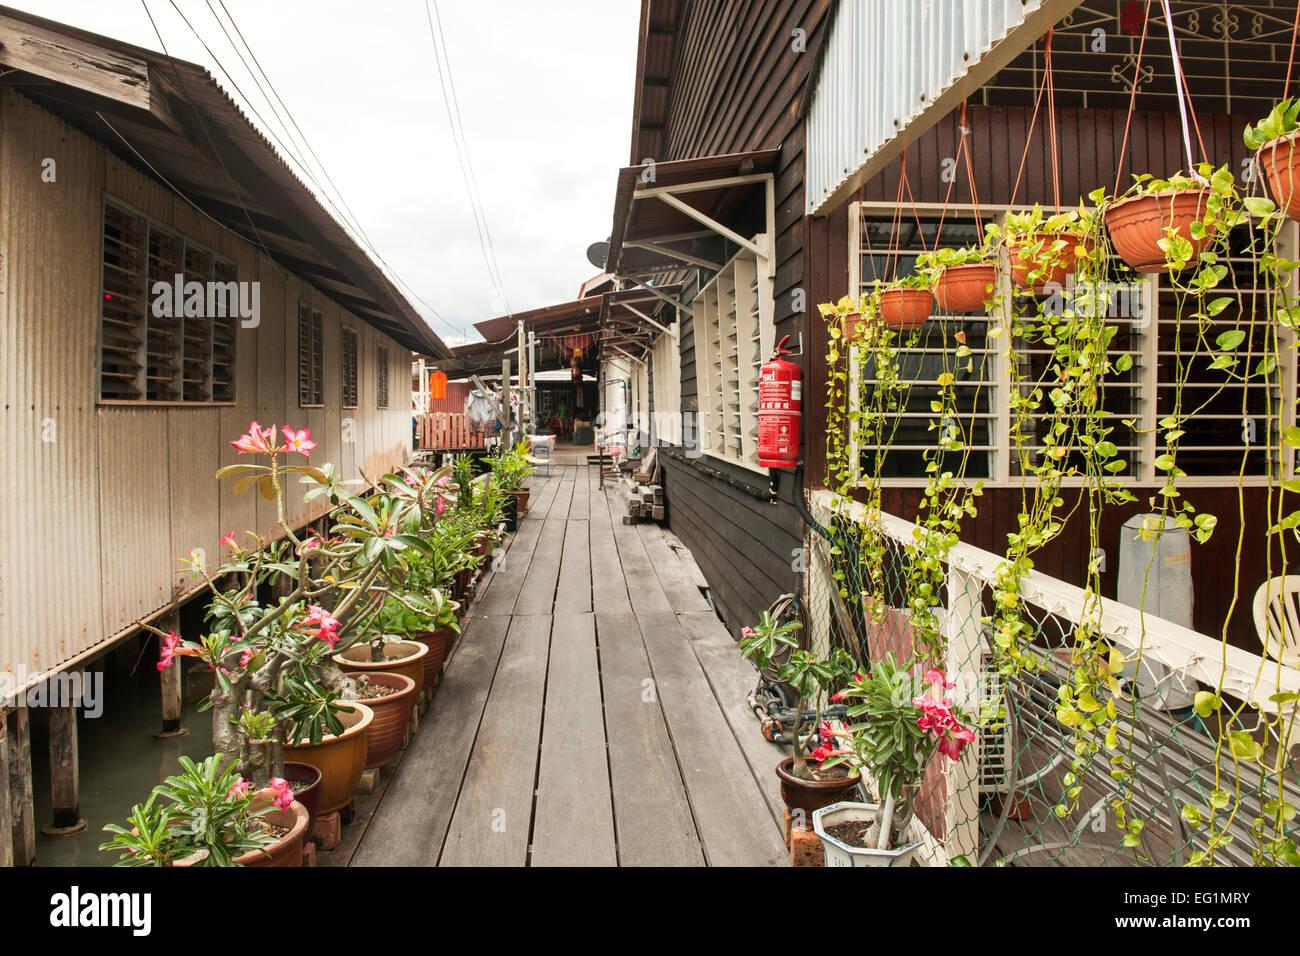 Kauen Sie Jetty (aka Seh kauen Keo), einer historischen Hafen-Siedlung in George Town, Penang, Malaysia. Stockbild